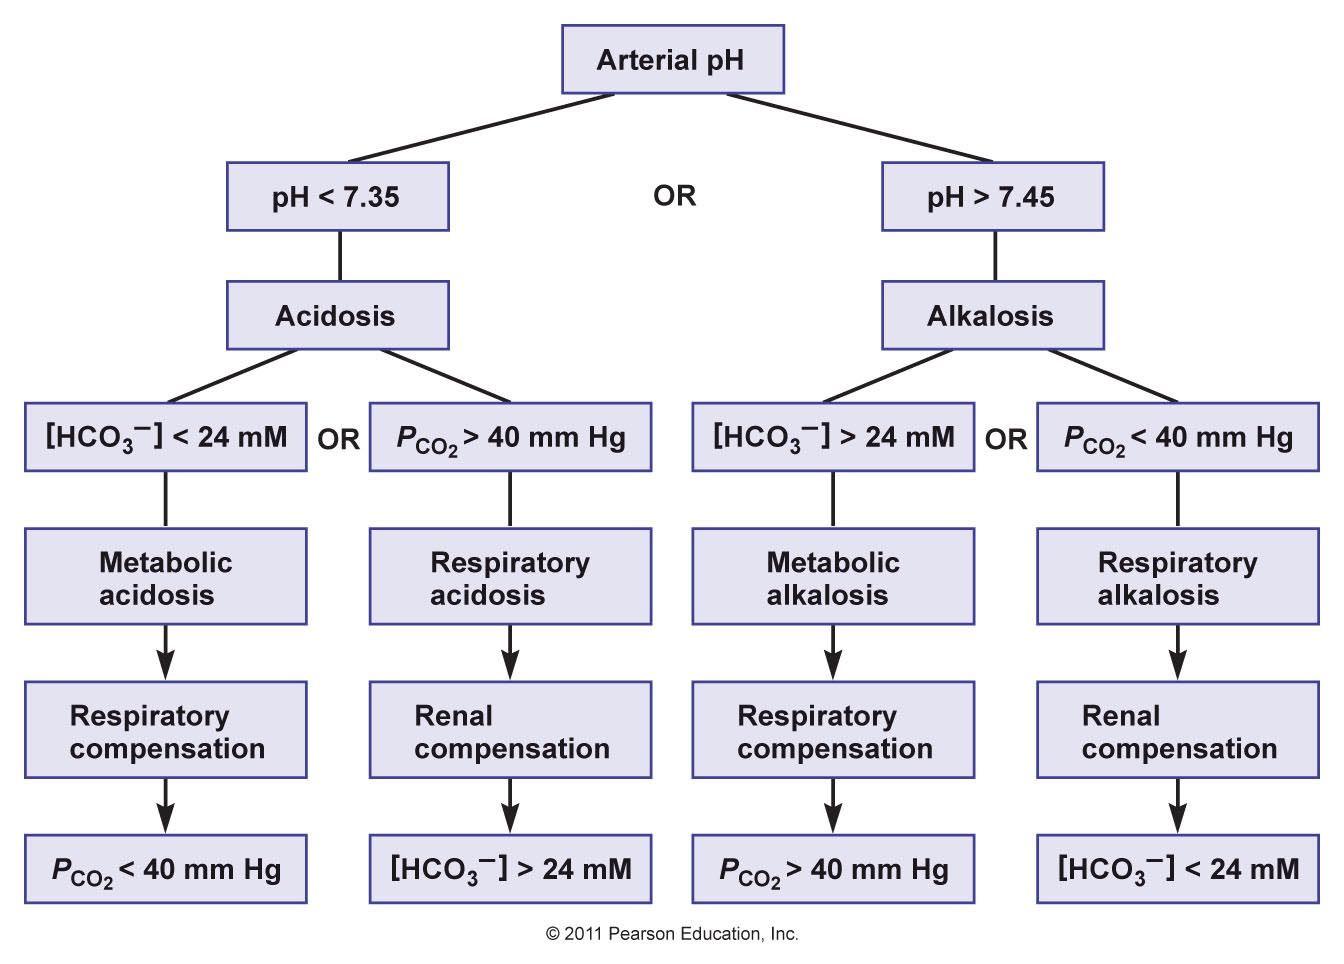 acid base balance evaluation of acid base disturbances diagnosis of acid base  [ 1344 x 964 Pixel ]